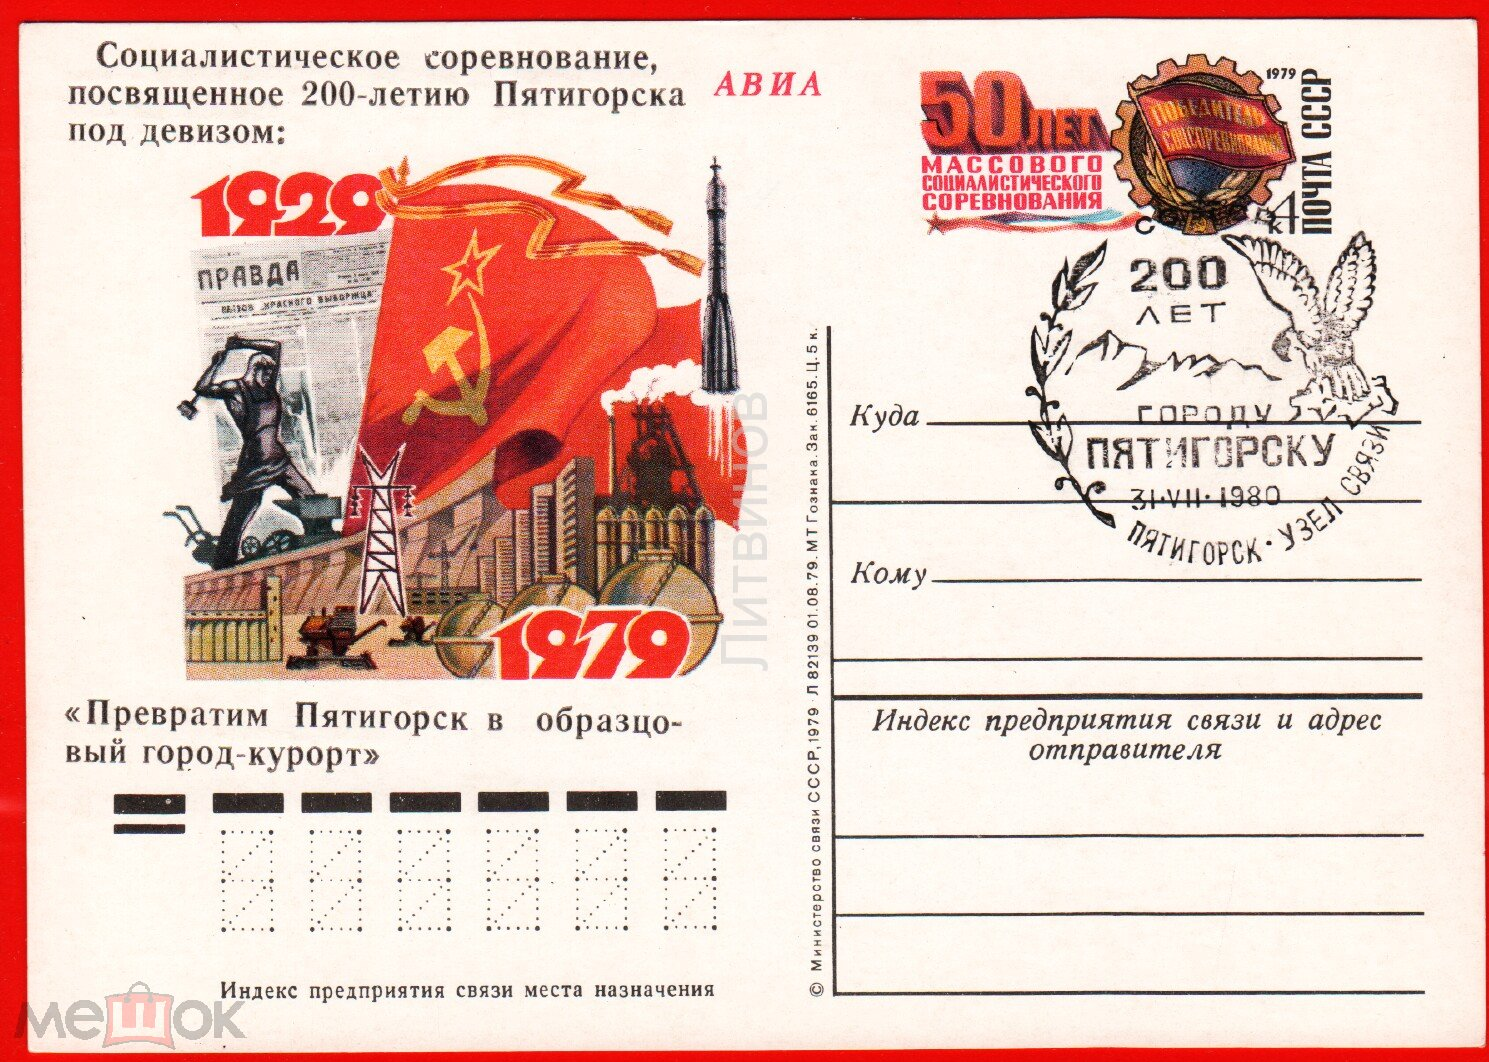 Открытки марта, открытки с маркой ссср цена